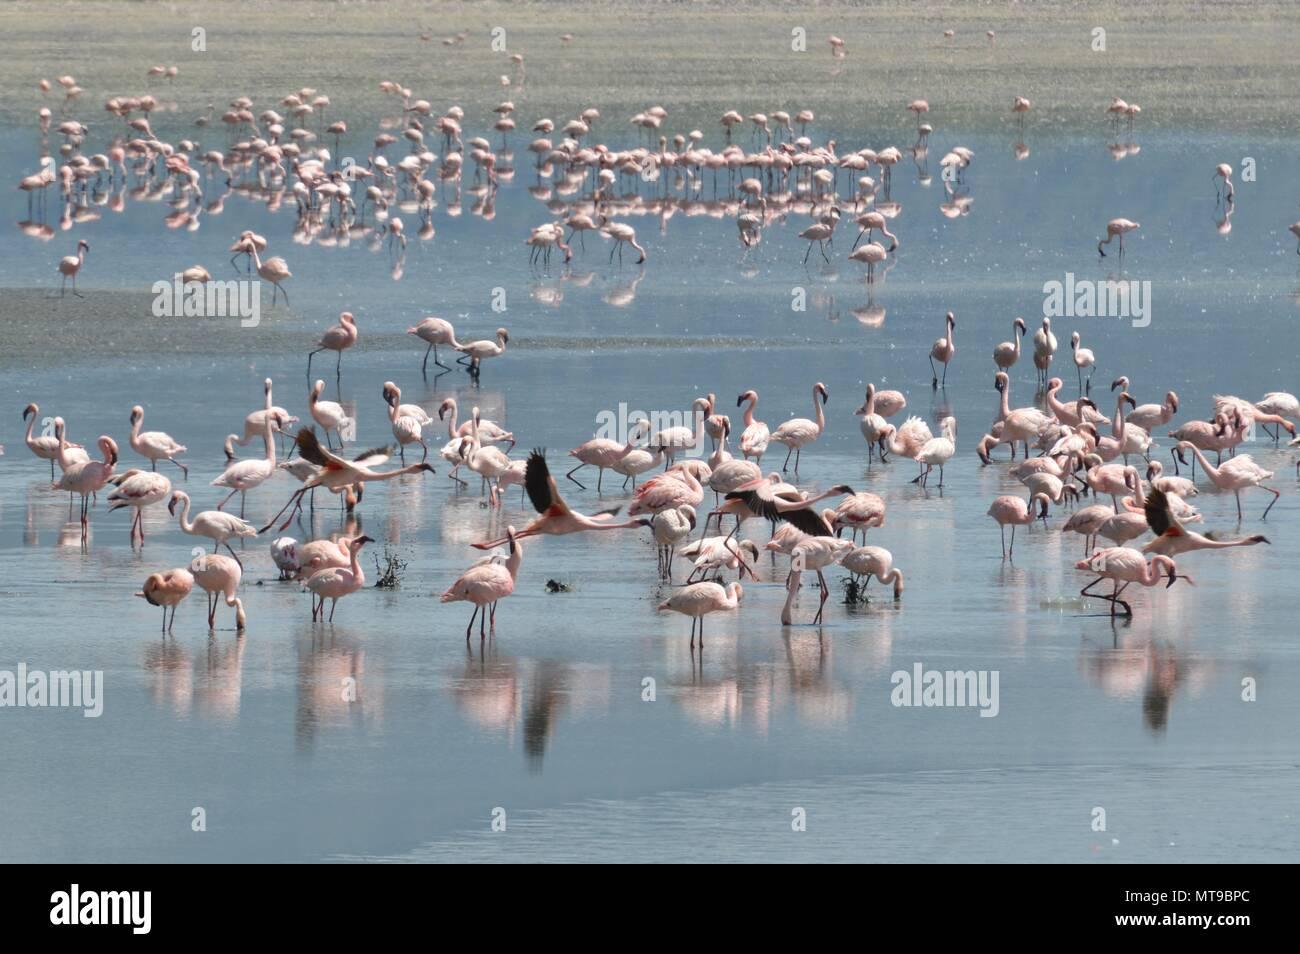 Flamingos basking in lake Manyara Stock Photo